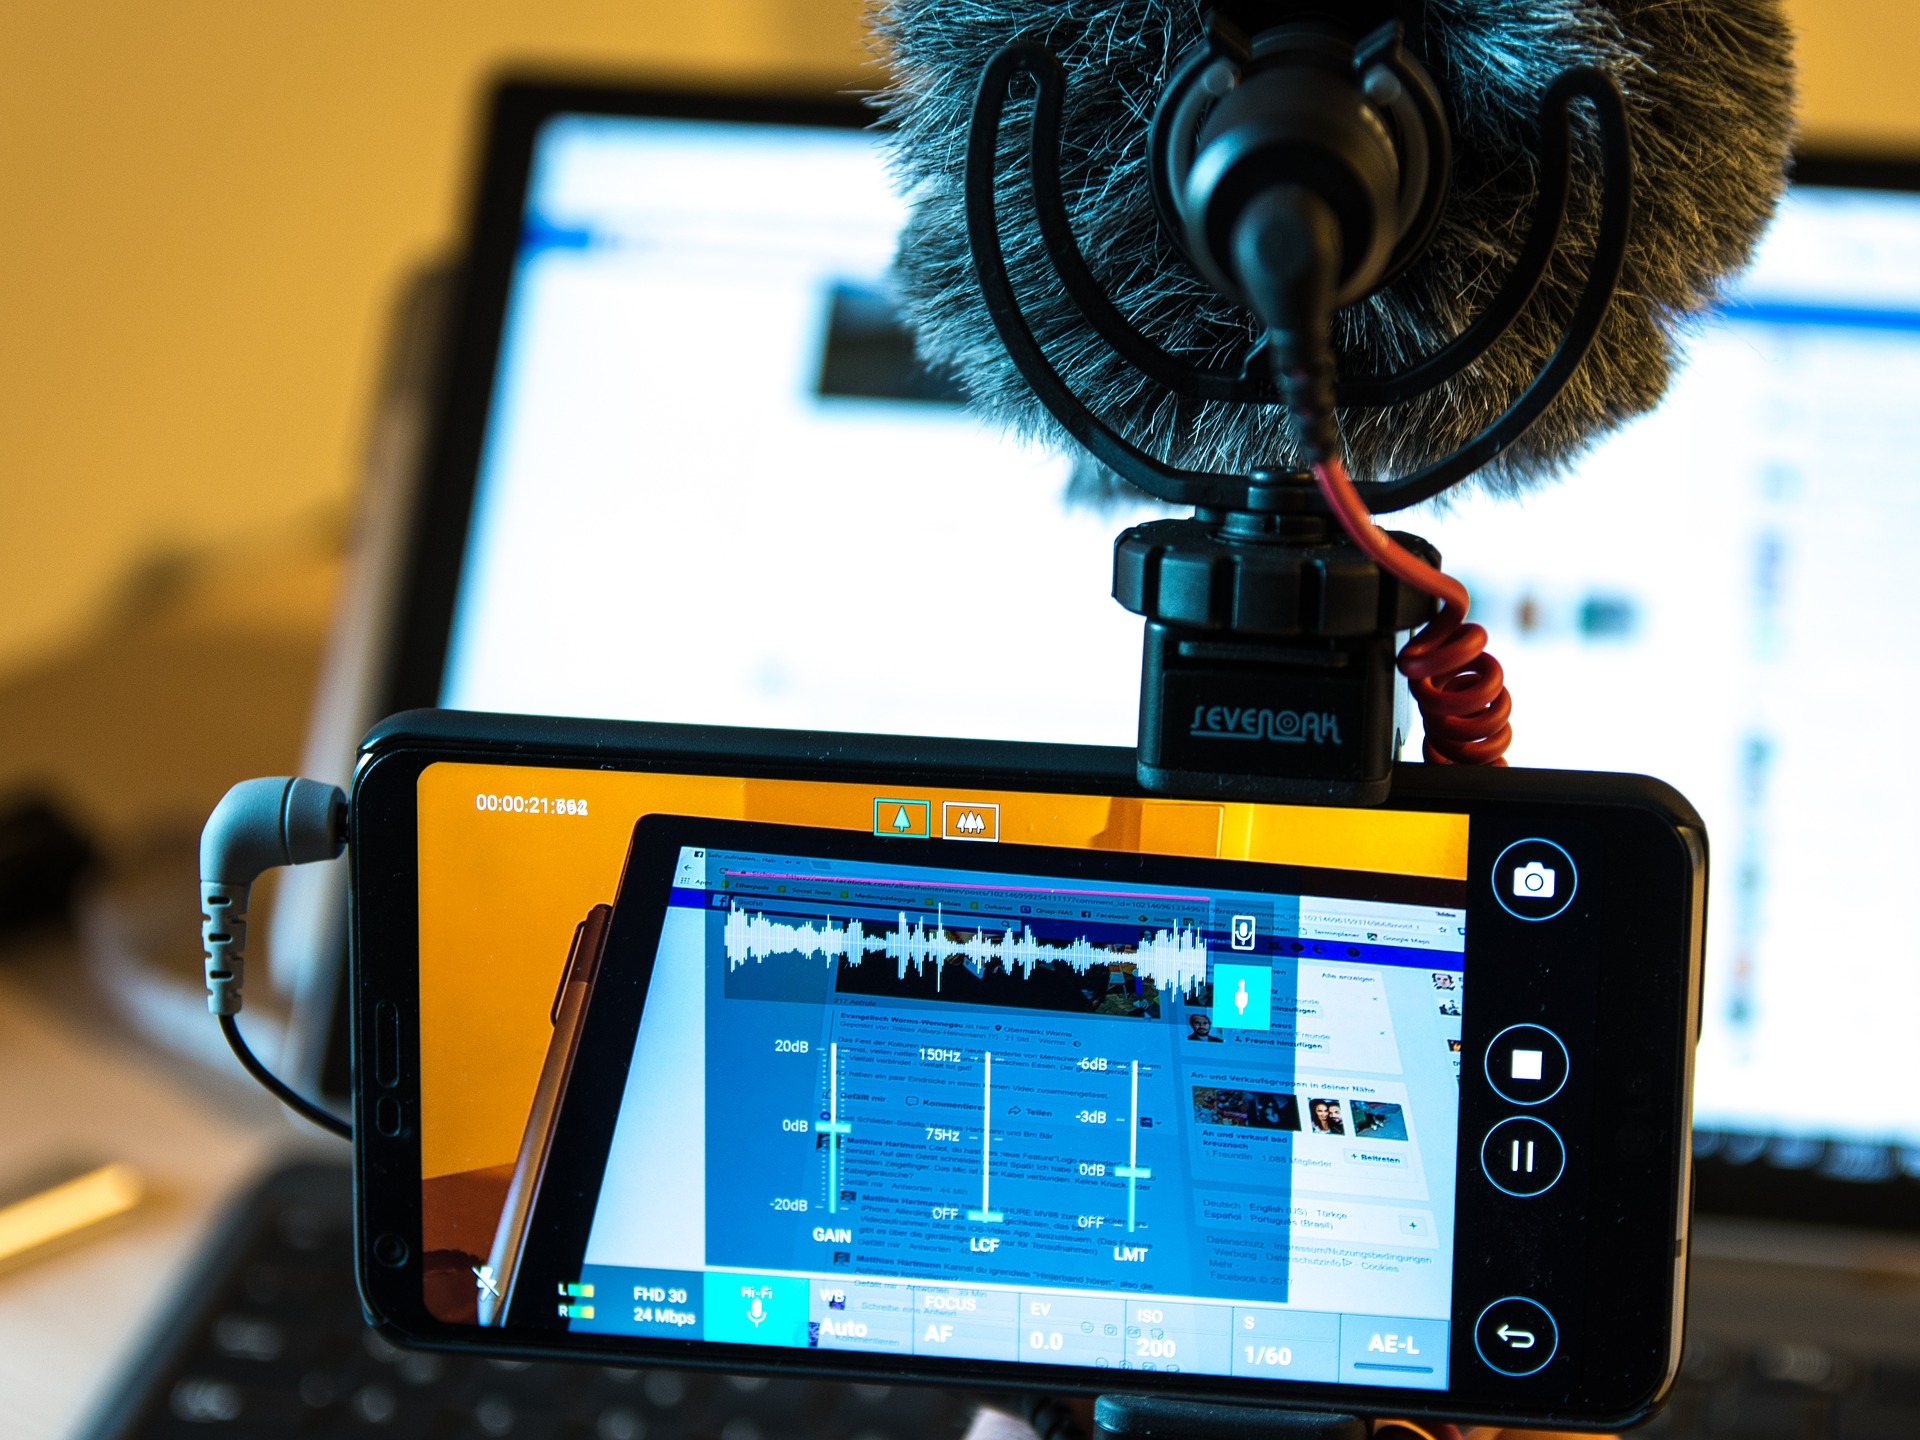 Imagen de la noticia Aprende a hacer un cortometraje con el móvil